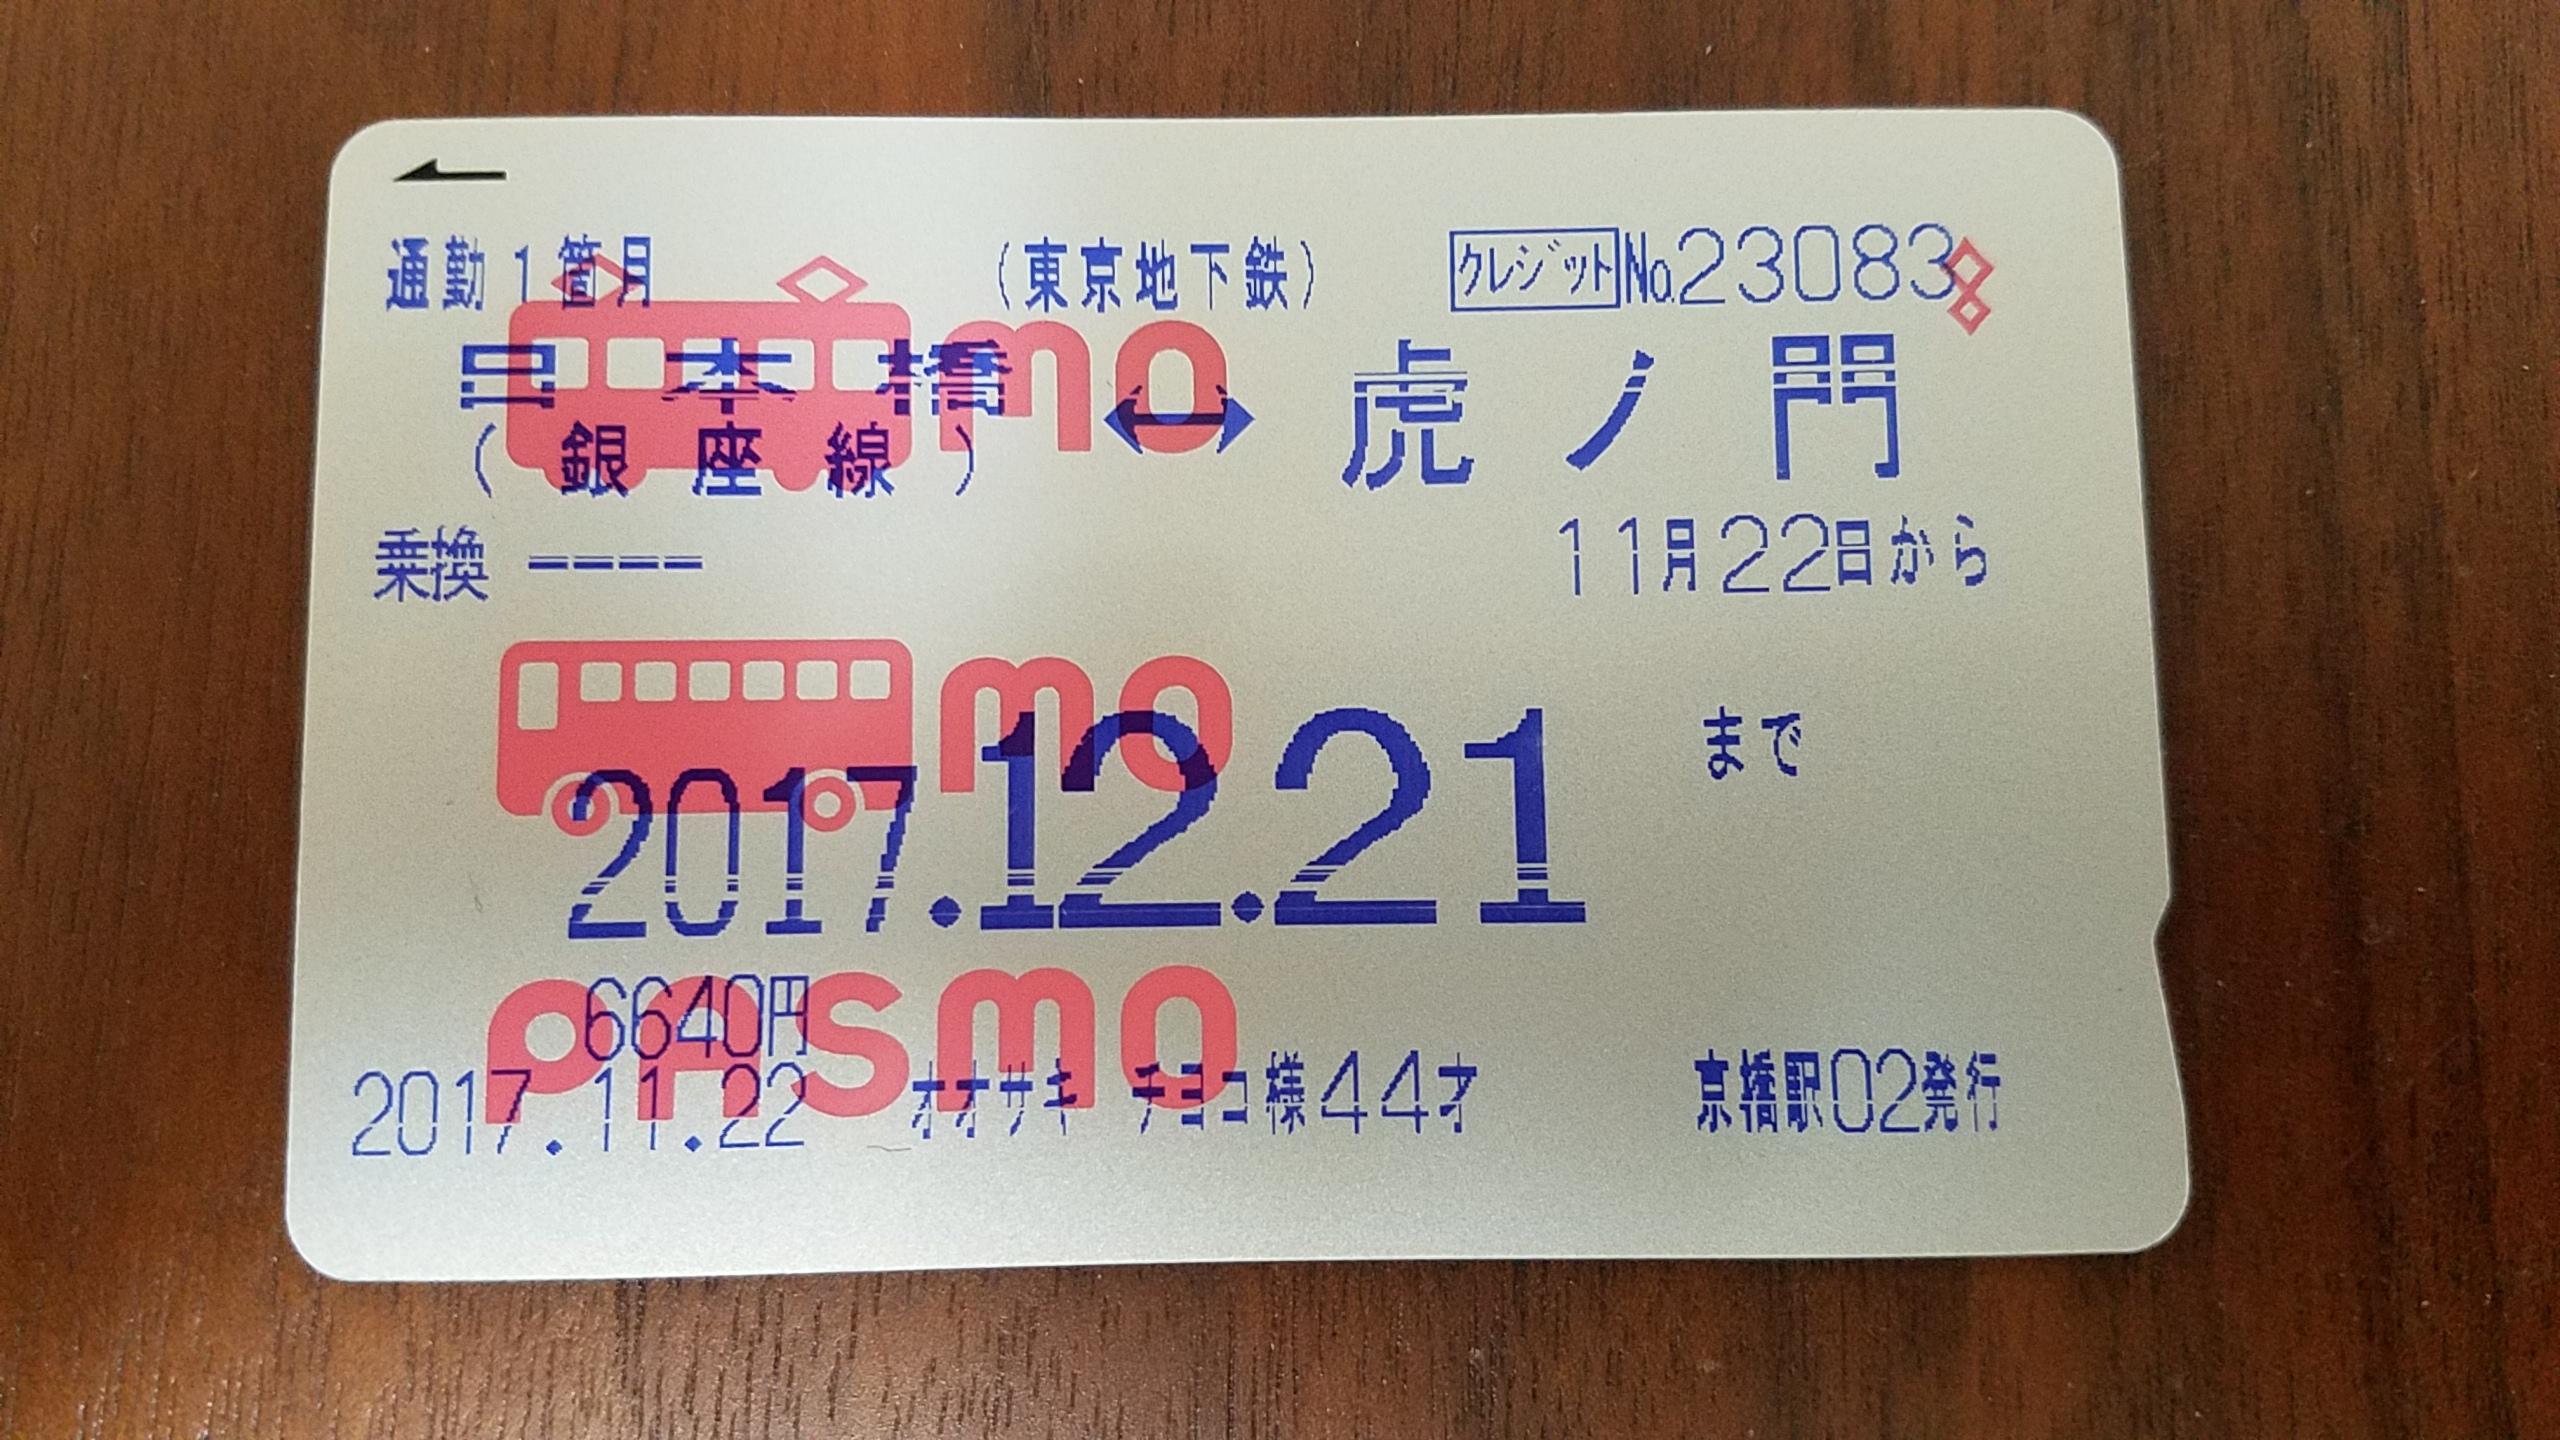 20171129_215307.jpg